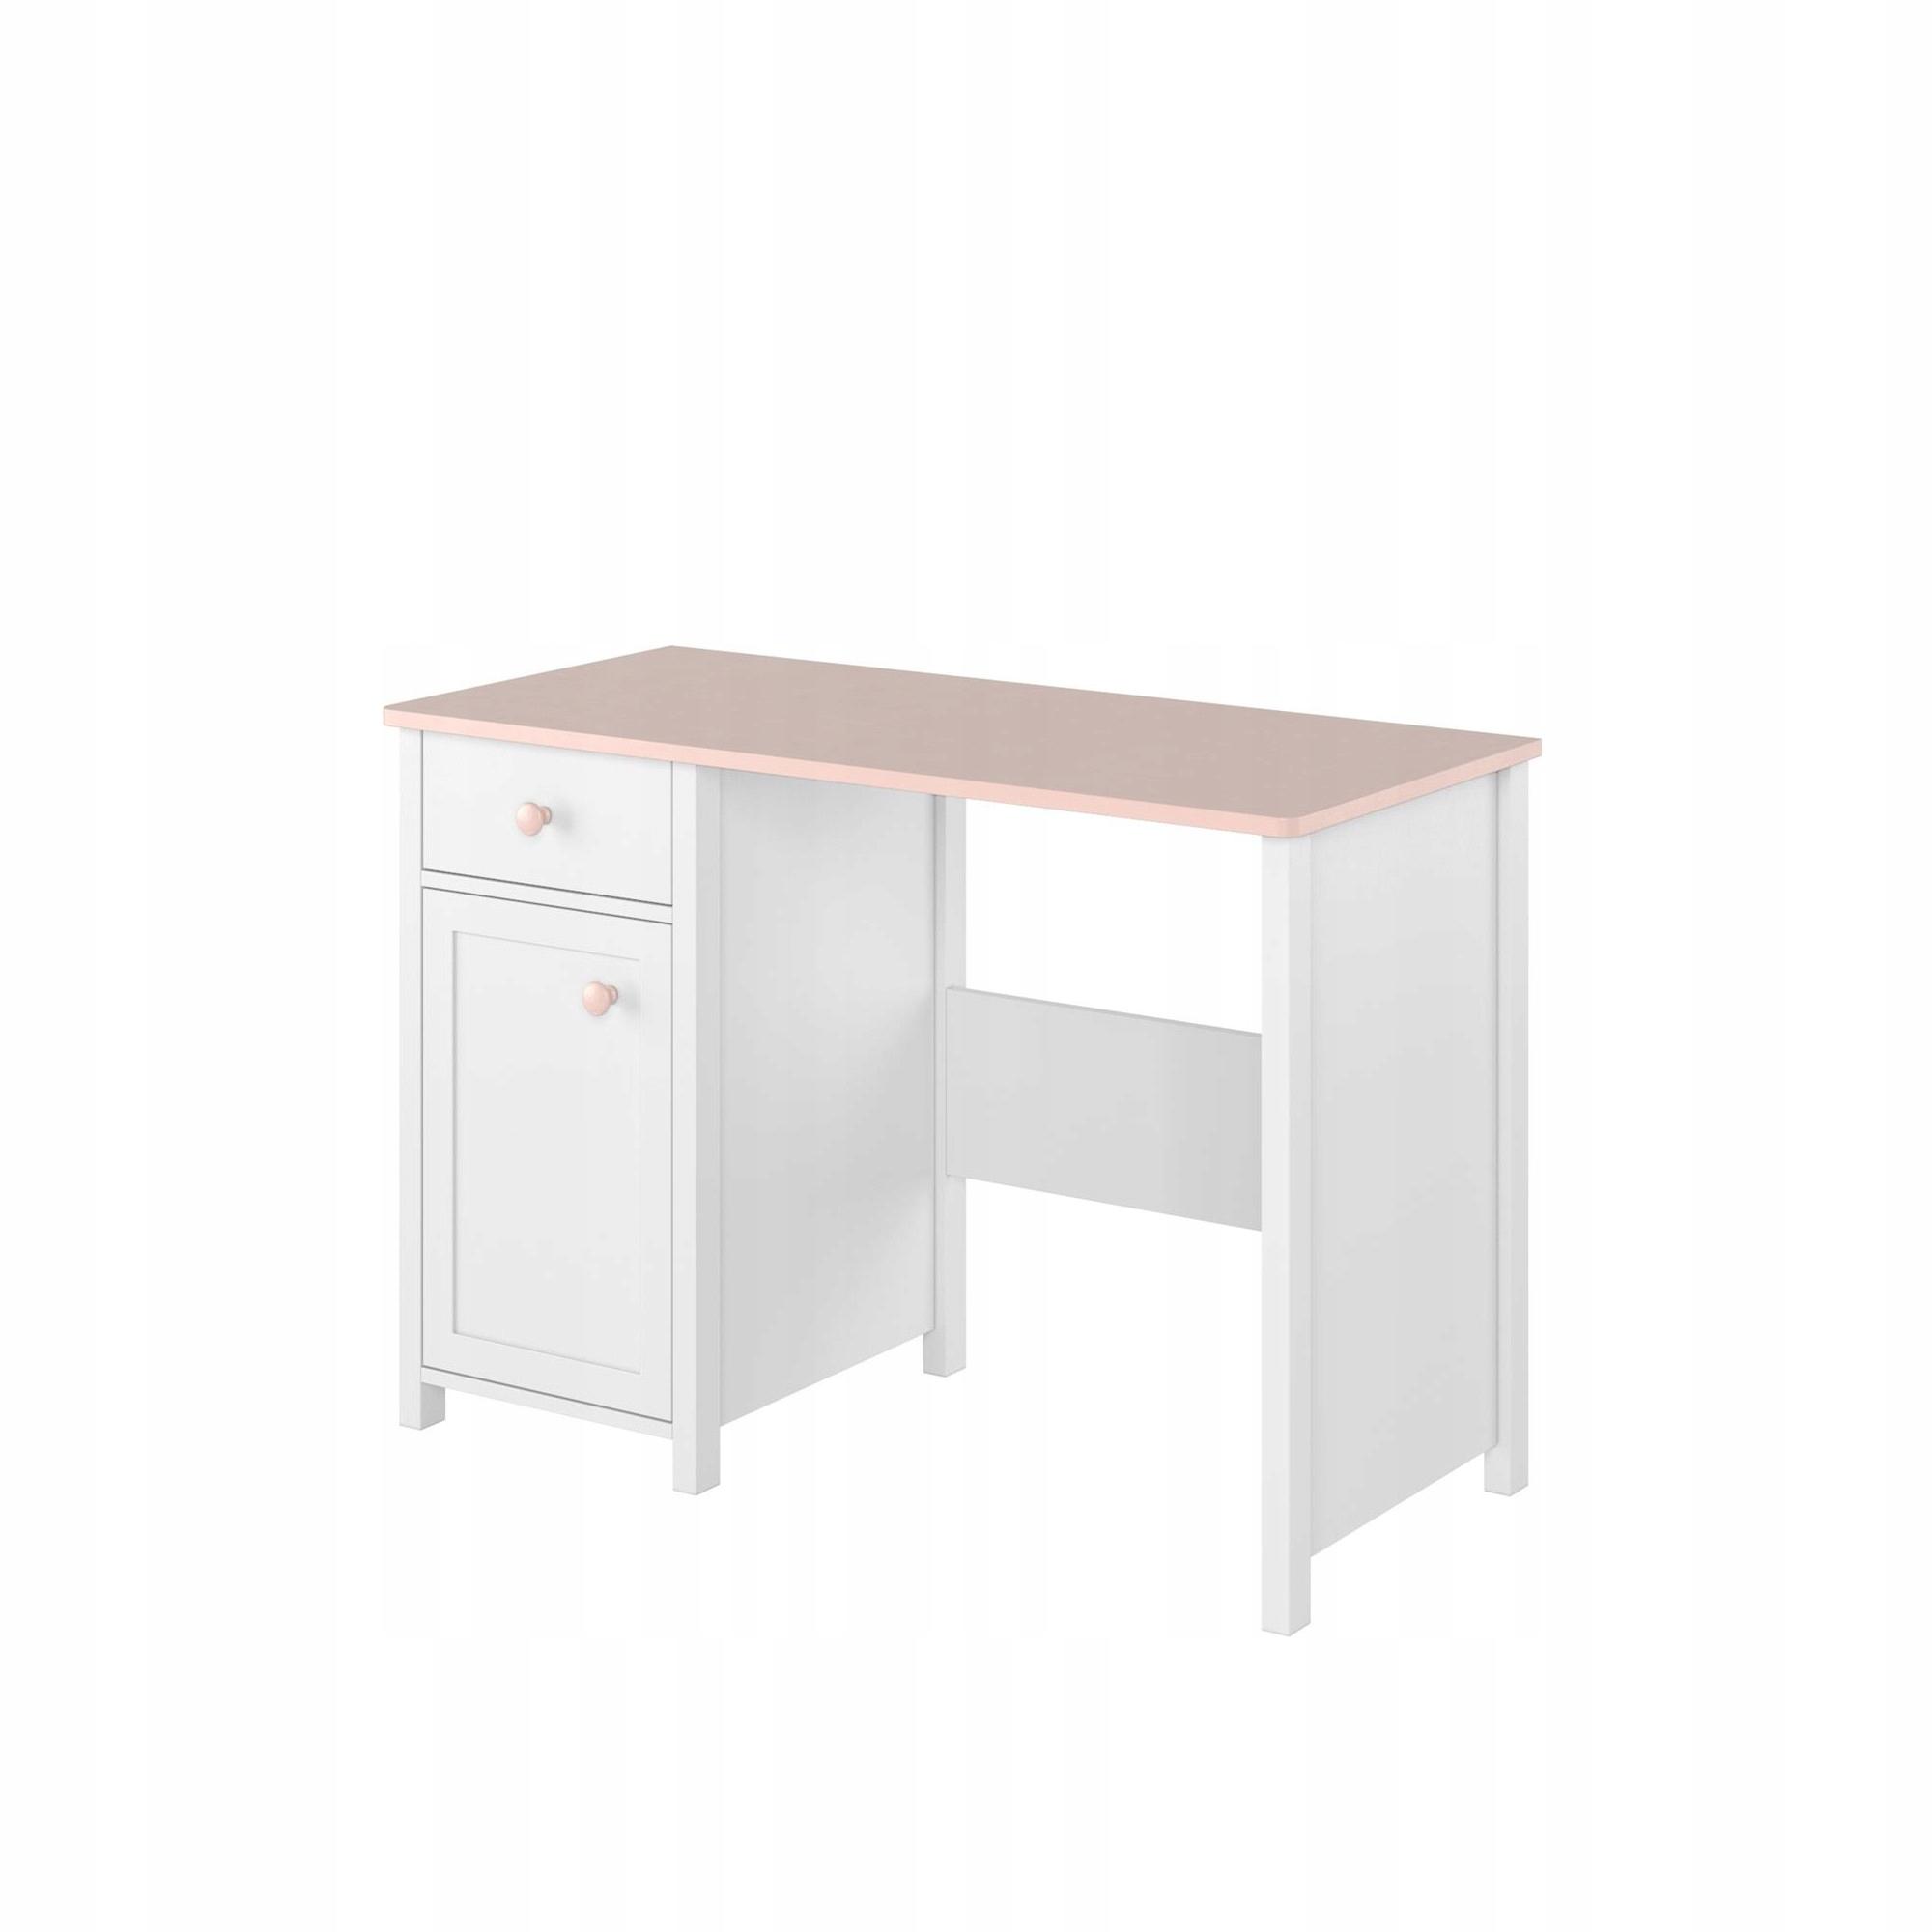 Принцесса письменный стол LUNA LN-03 белый / розовый